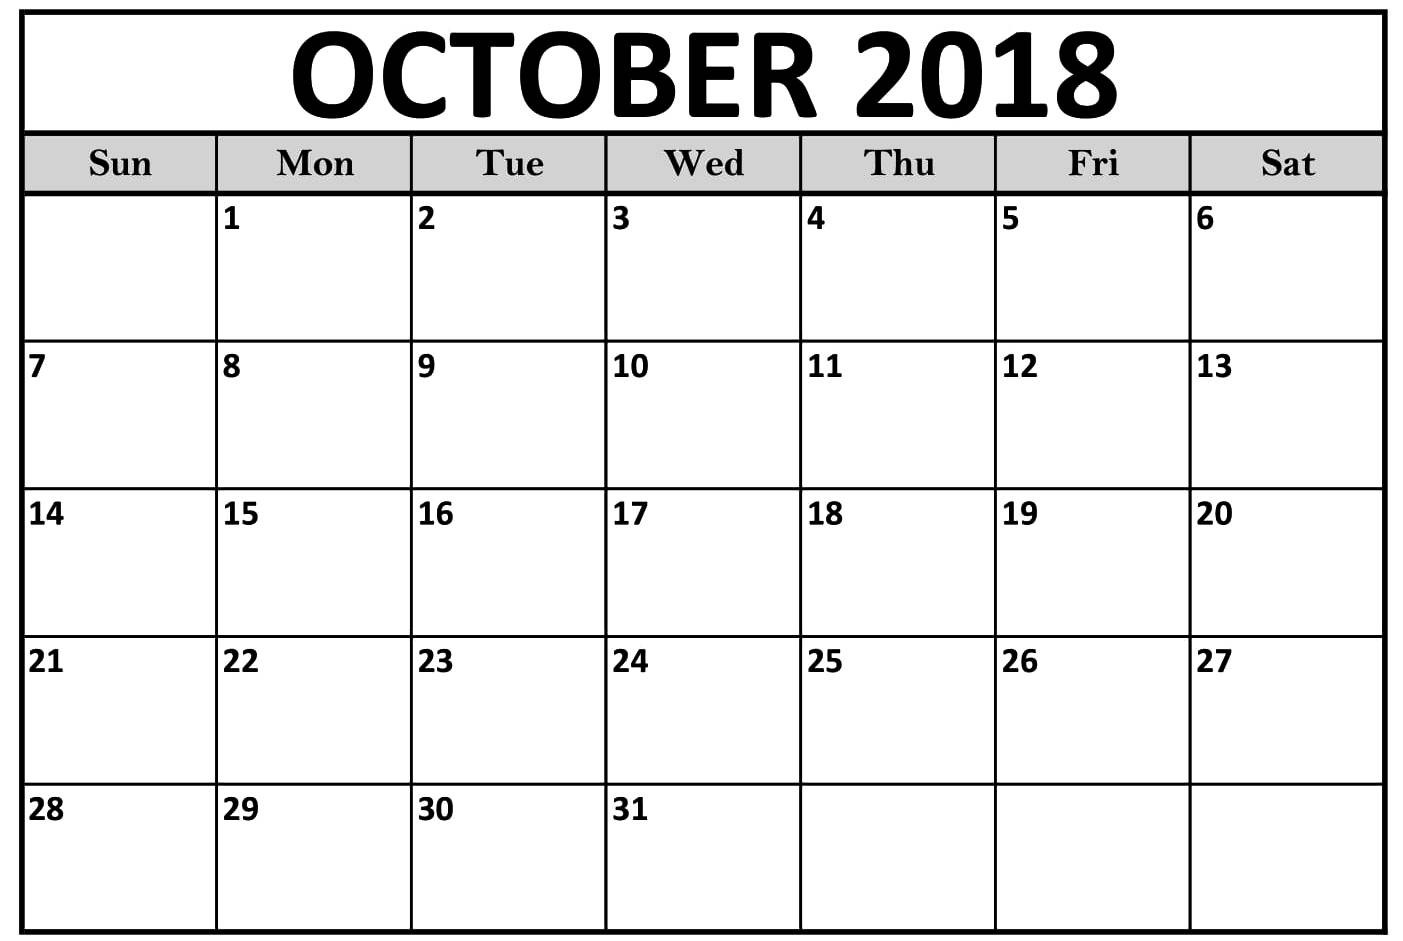 Calendar October 2018 Printable